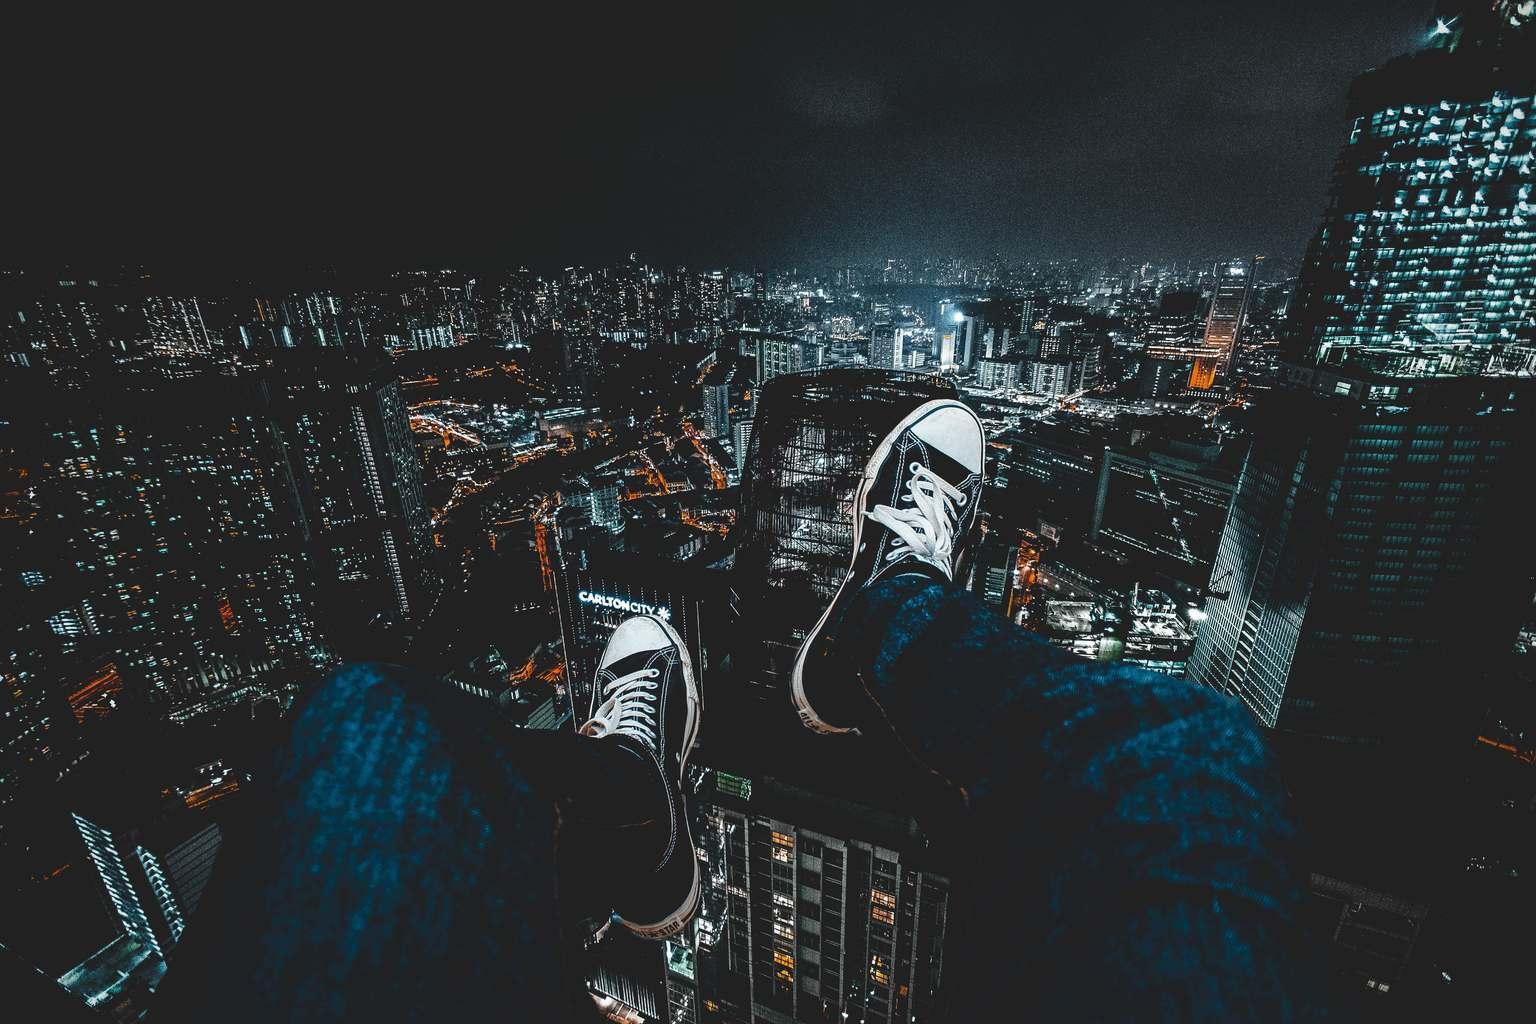 Ciudad de noche vista desde lo alto de un rascacielos